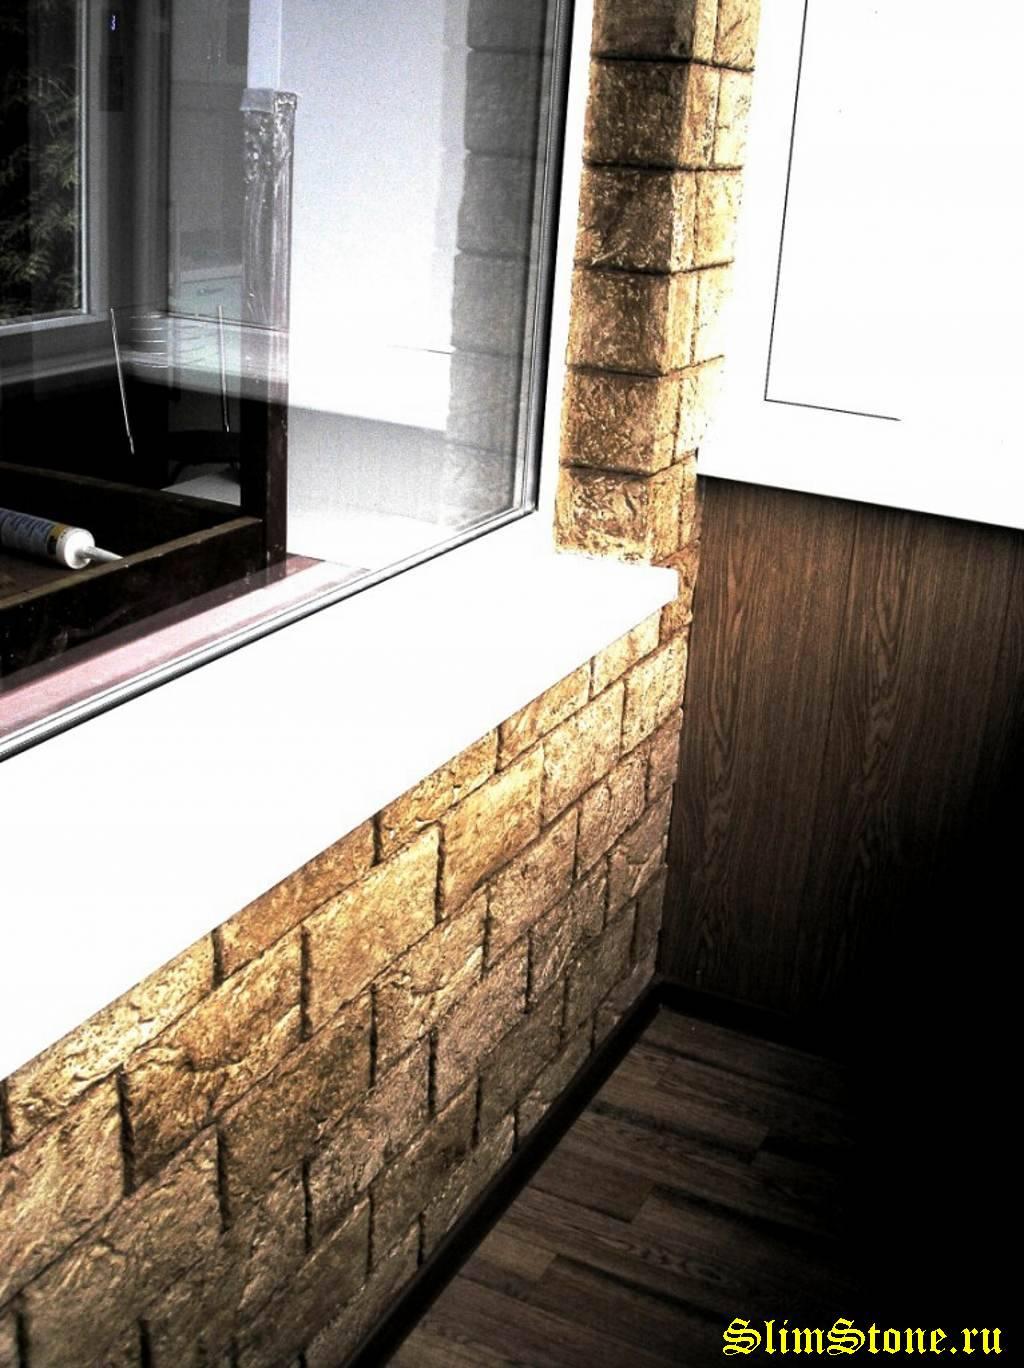 Внутренняя отделка балконов искусственным камнем отзывы..